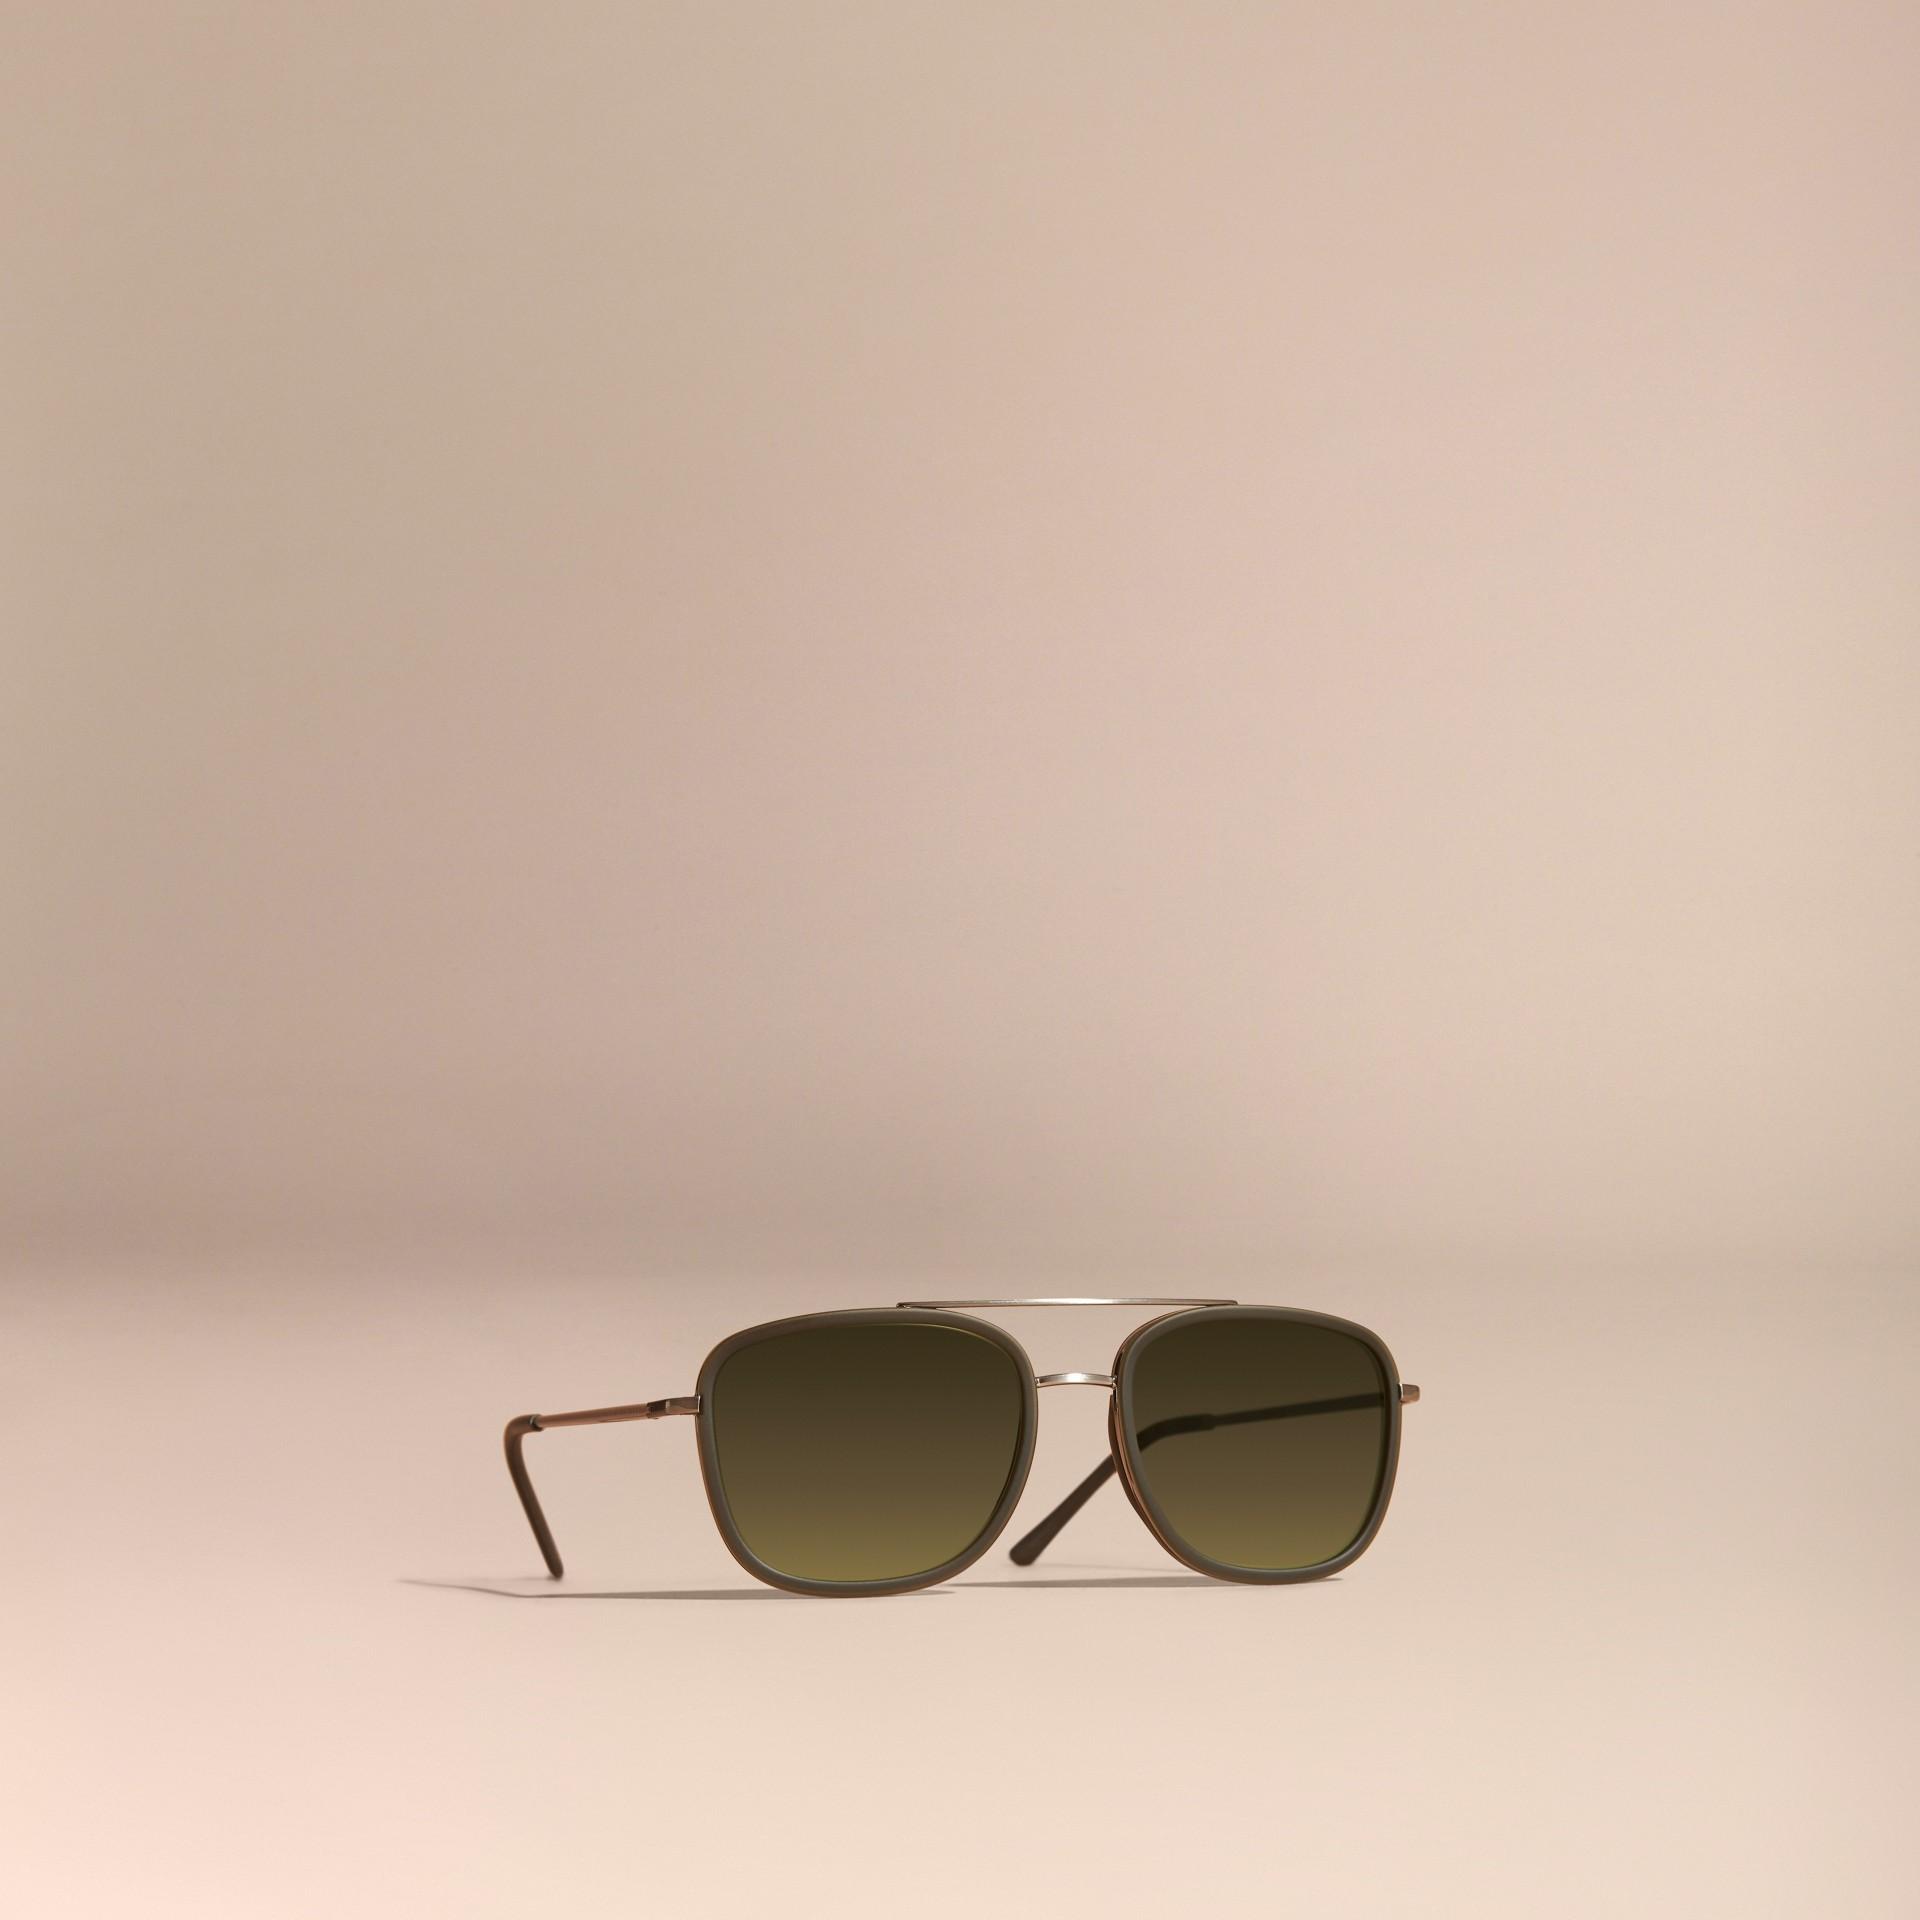 Grigio Occhiali da sole con montatura squadrata in acetato e pelle Grigio - immagine della galleria 1